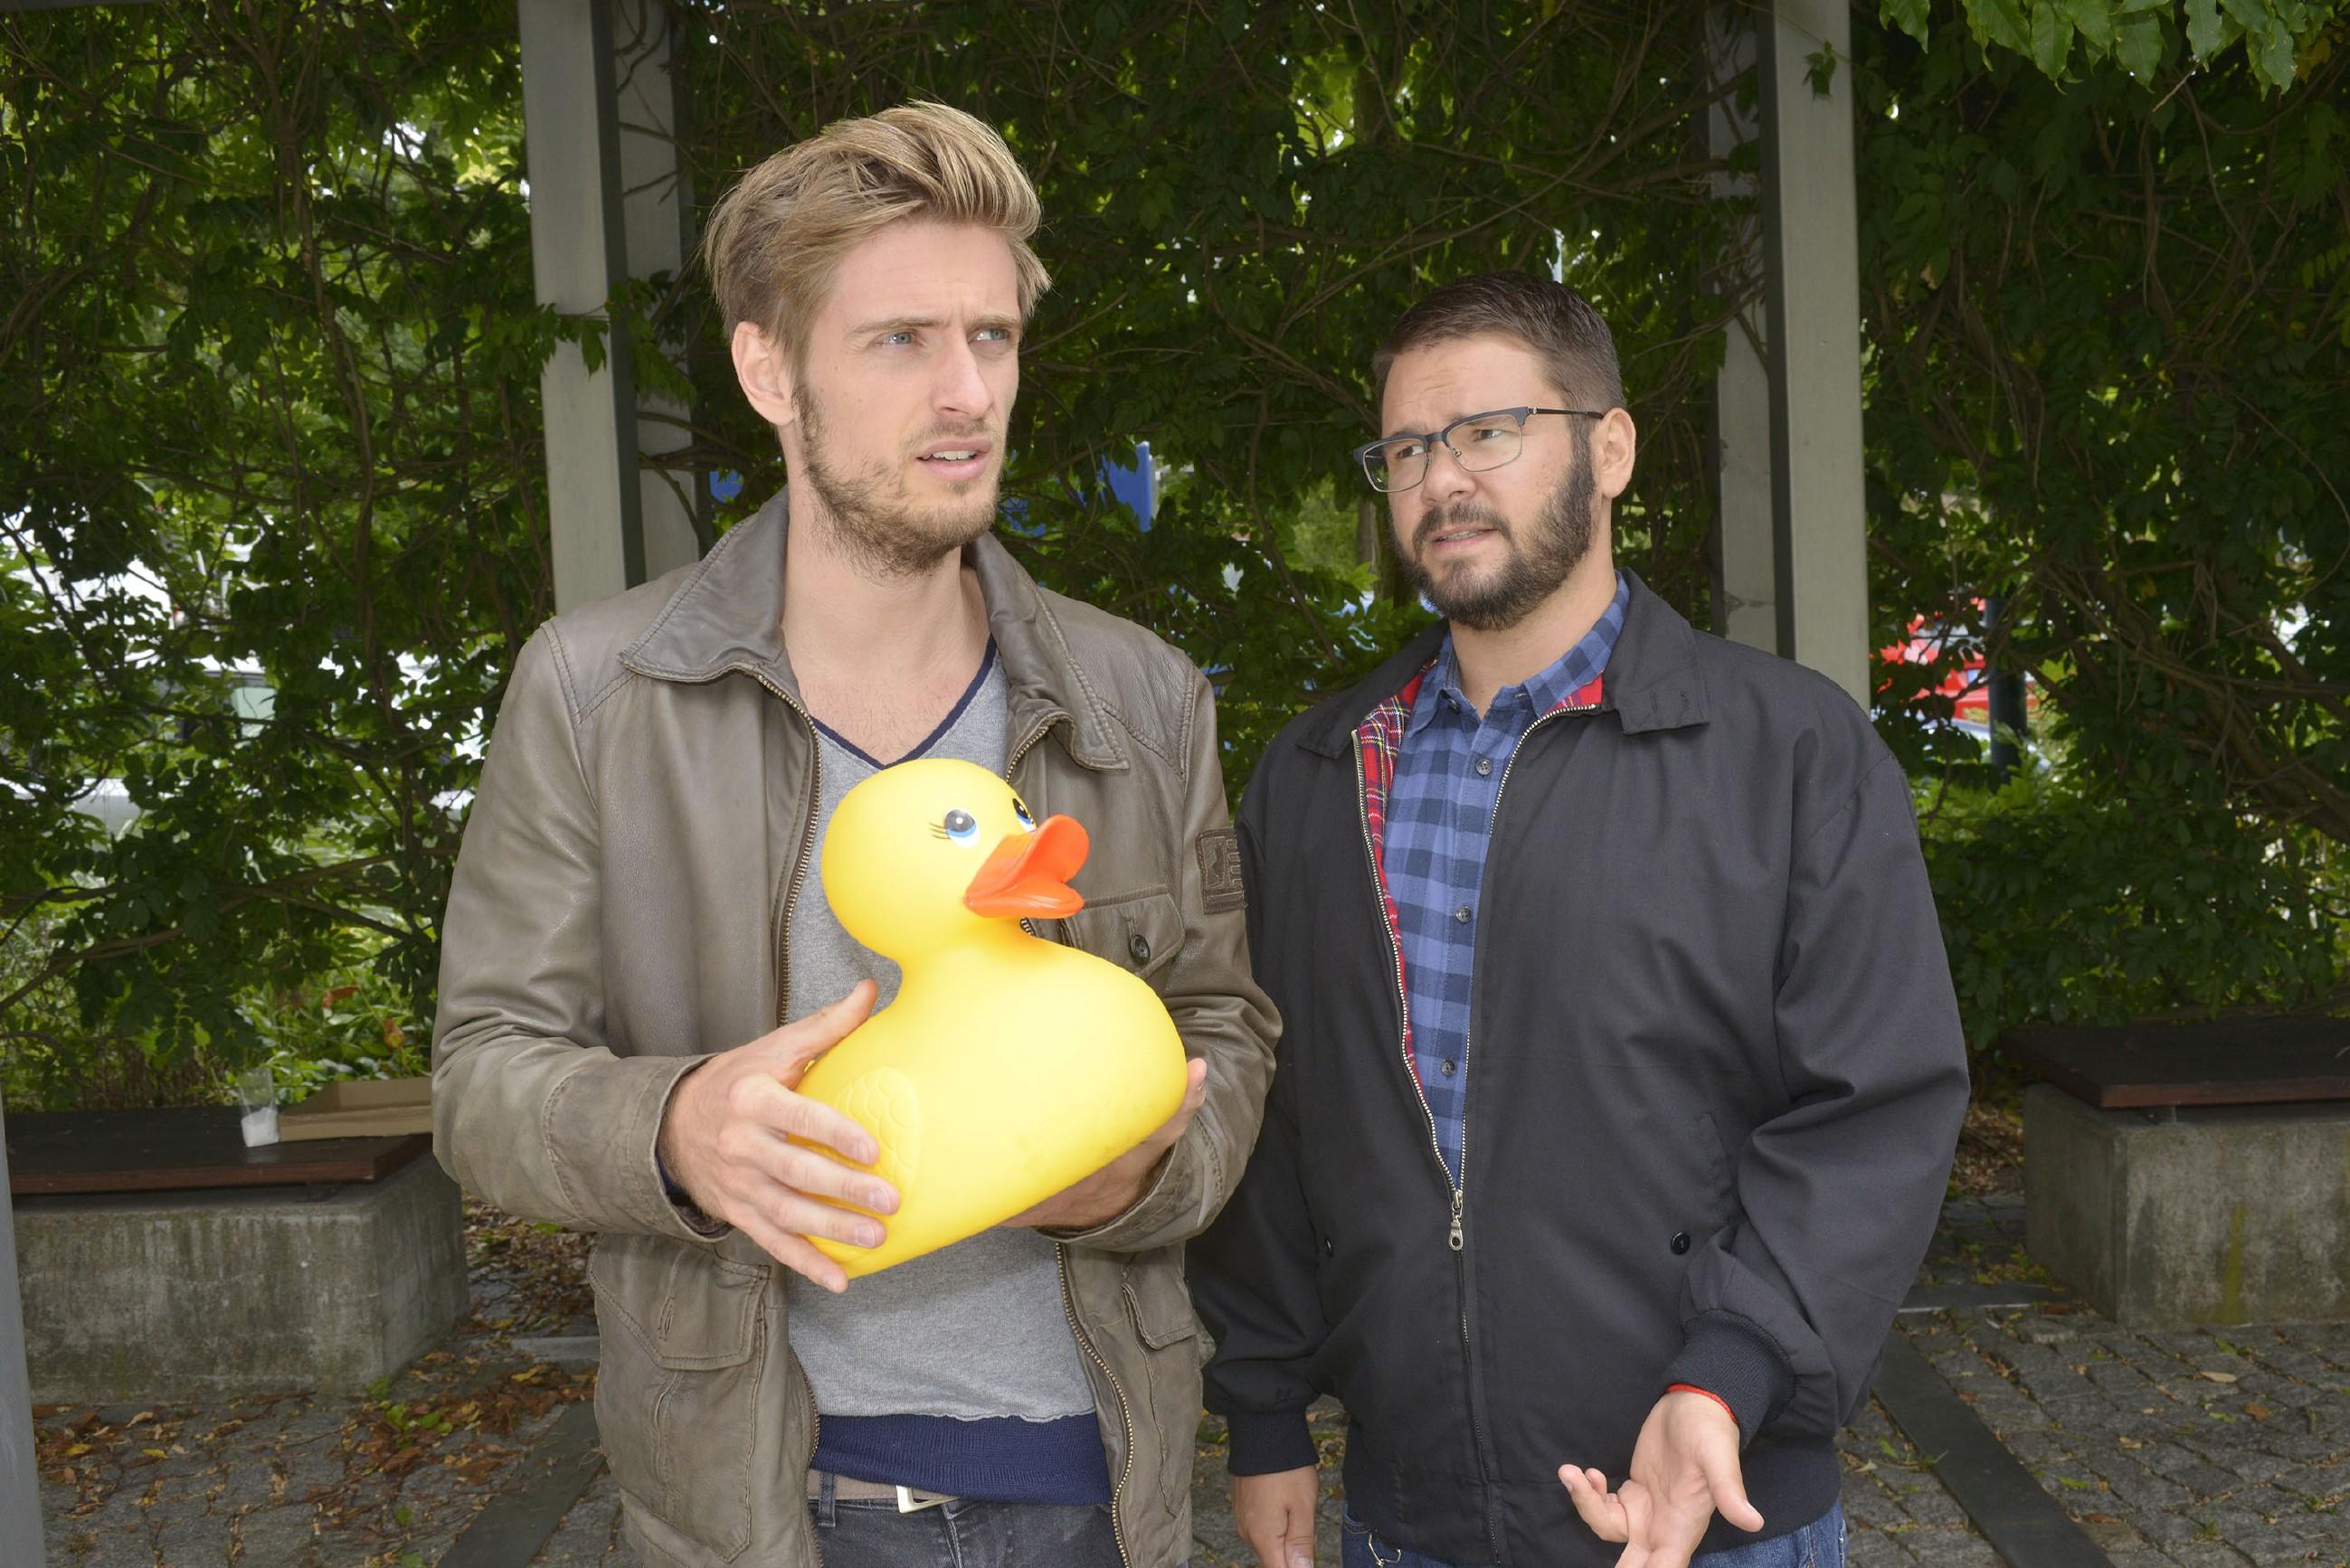 Philip (Jörn Schlönvoigt, l.) und Tuner (Thomas Drechsel) fragen sich, was ist mit der scheinbar harmlosen Plastikente auf sich hat.